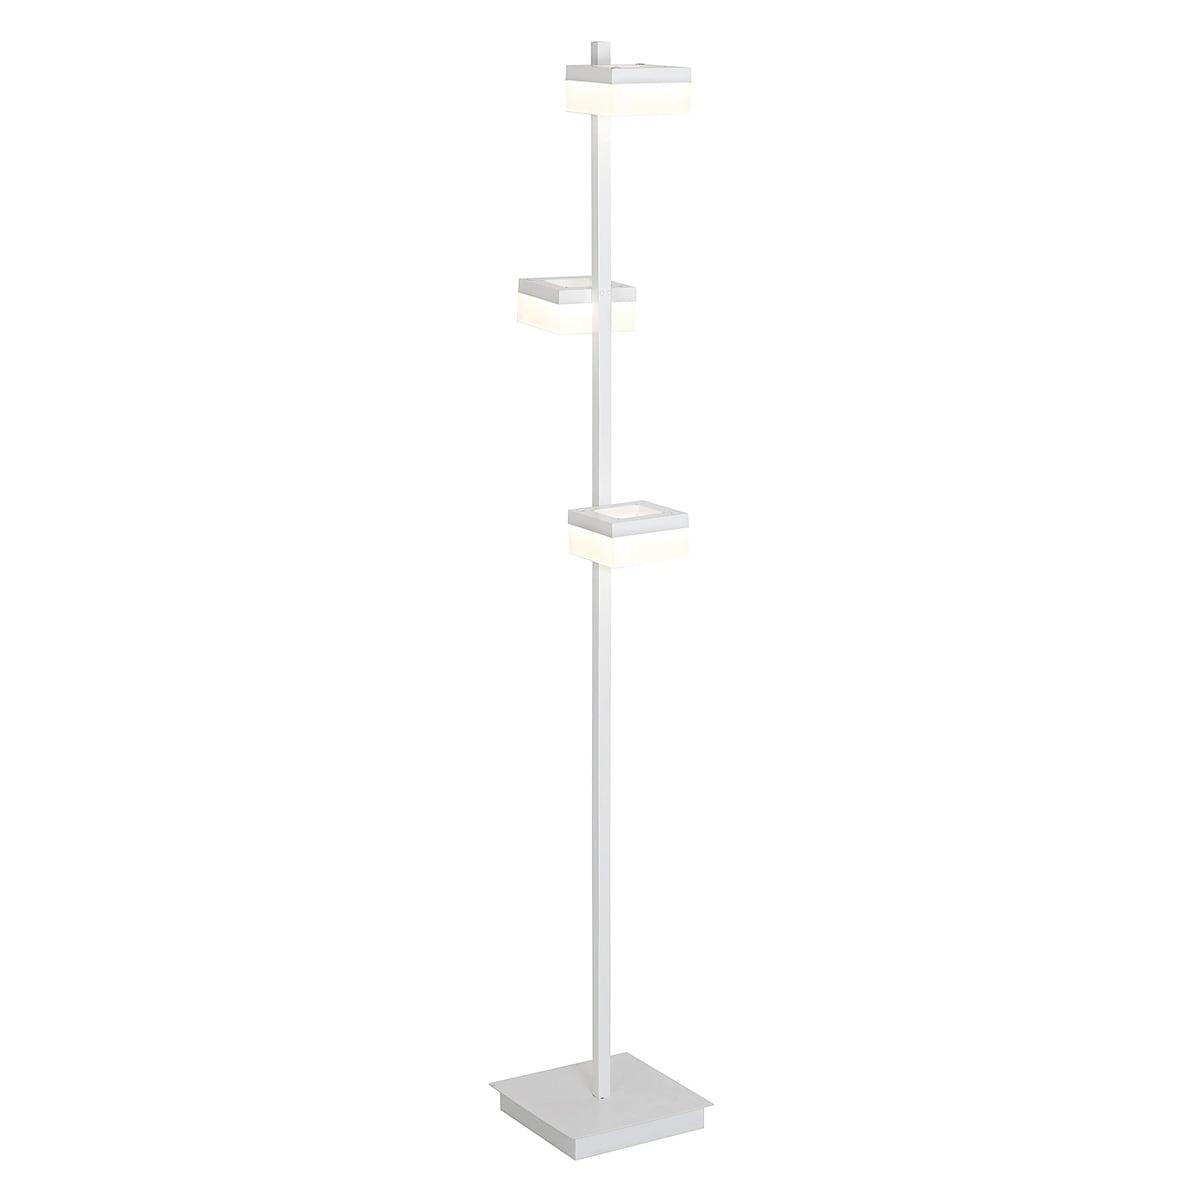 Lampa podłogowa Milagro CUBO 160 Piaskowy biały 36W